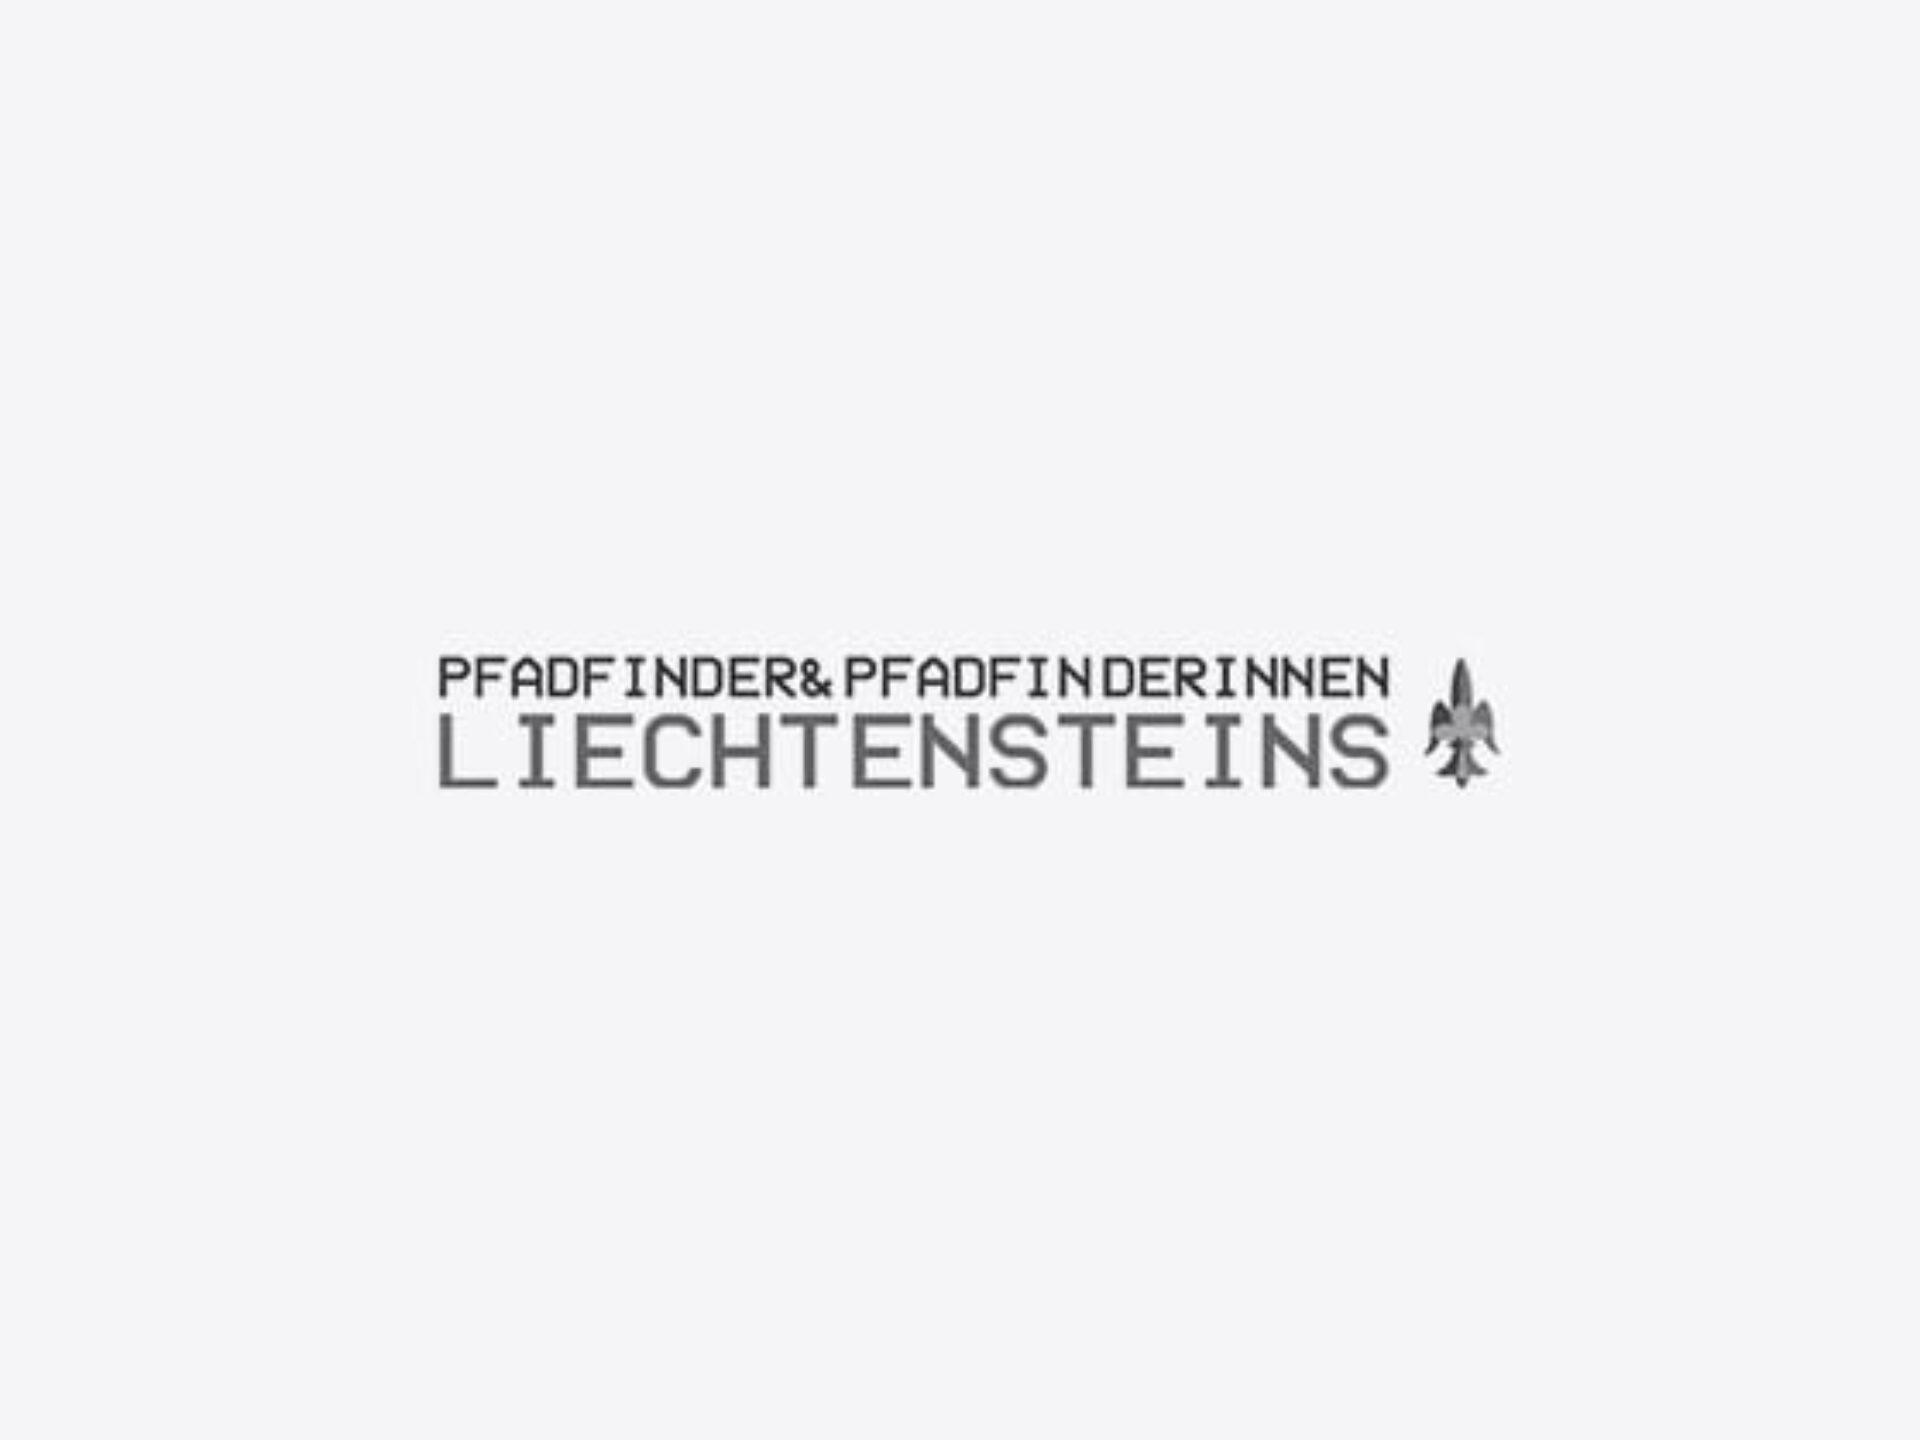 Manroof Referenz Pfadfinder Lichtensteins